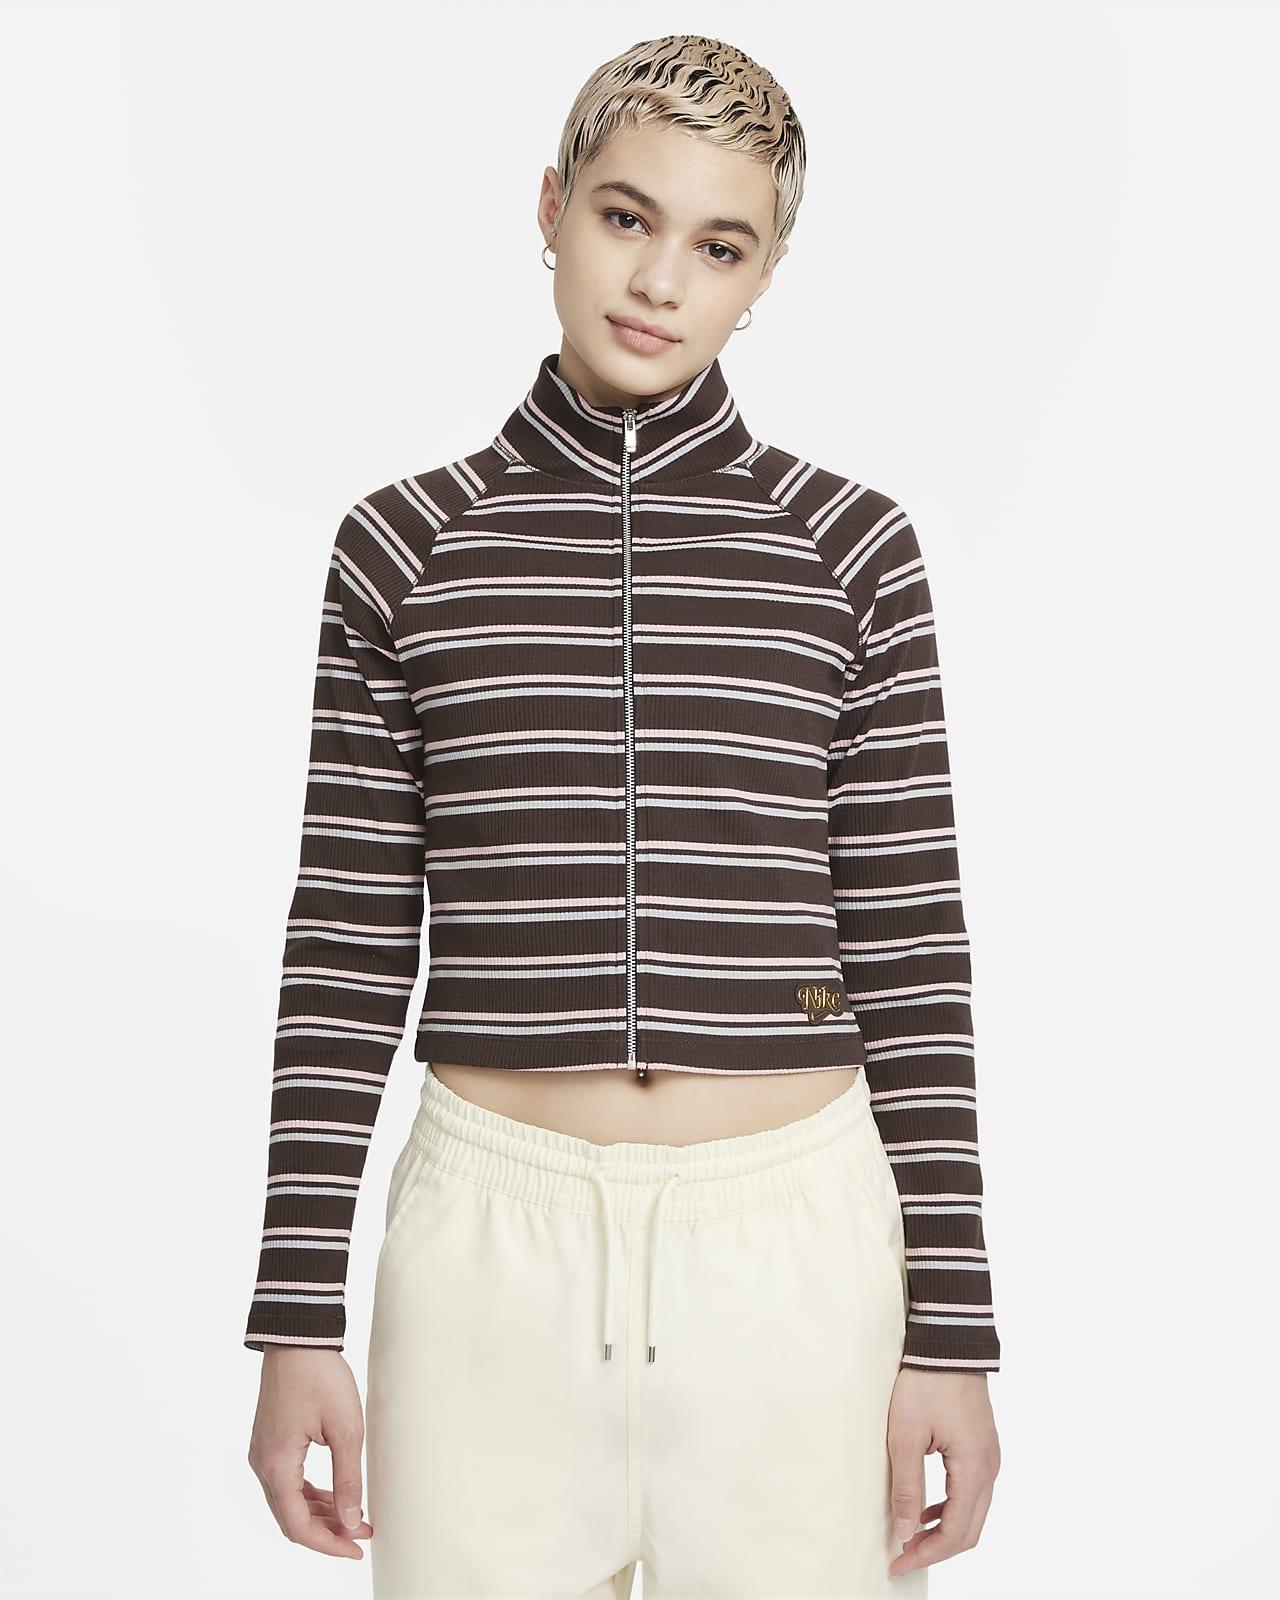 Nike Sportswear Femme Women's Jacket